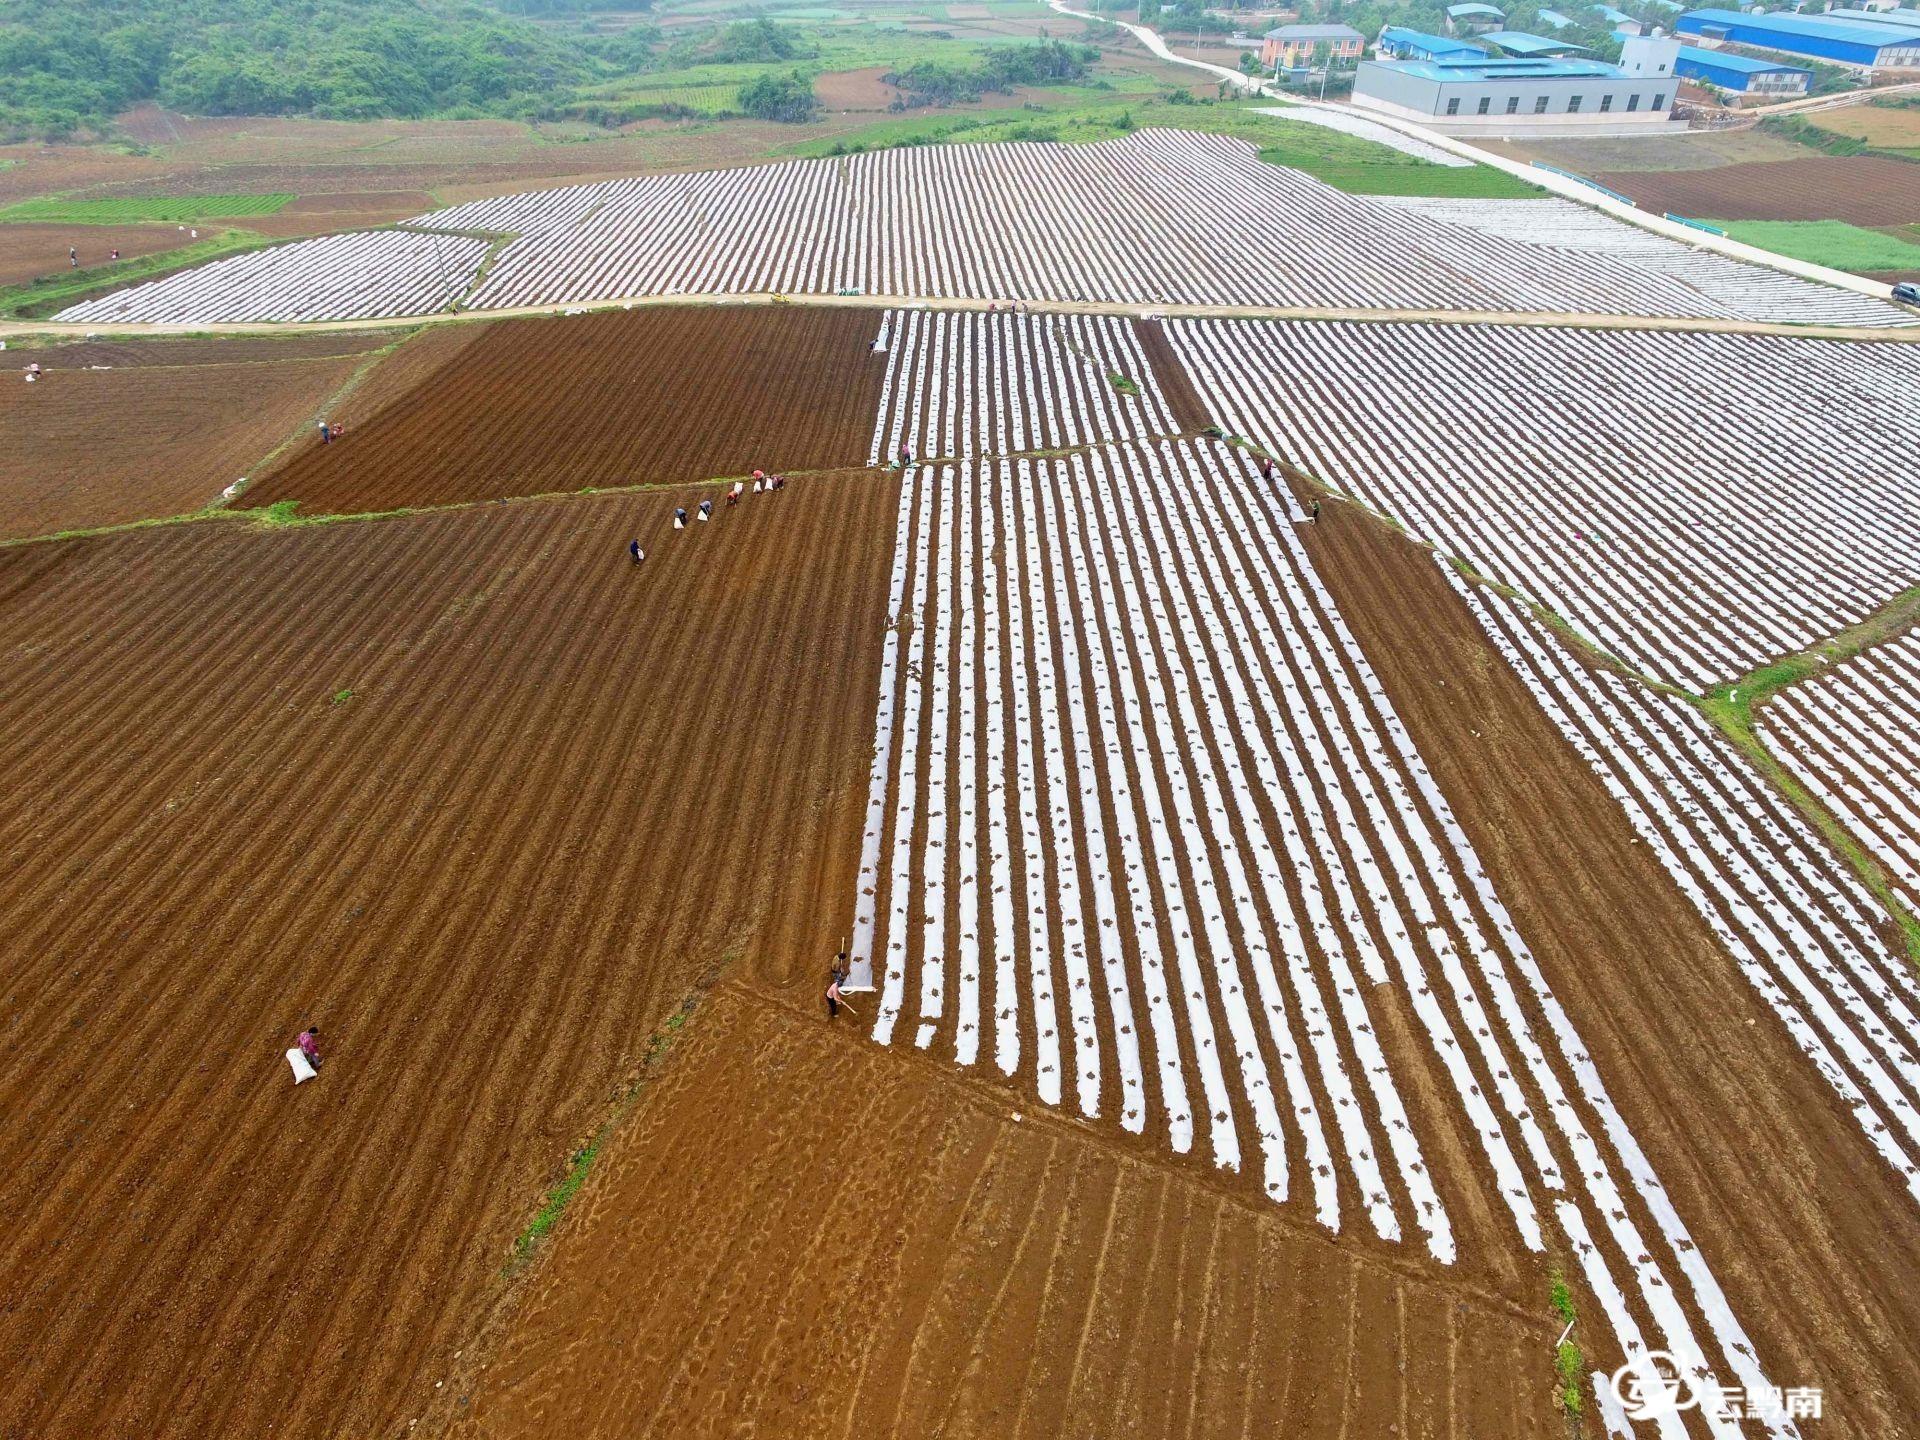 福泉陸坪:打造壩區產業 助力脫貧攻堅